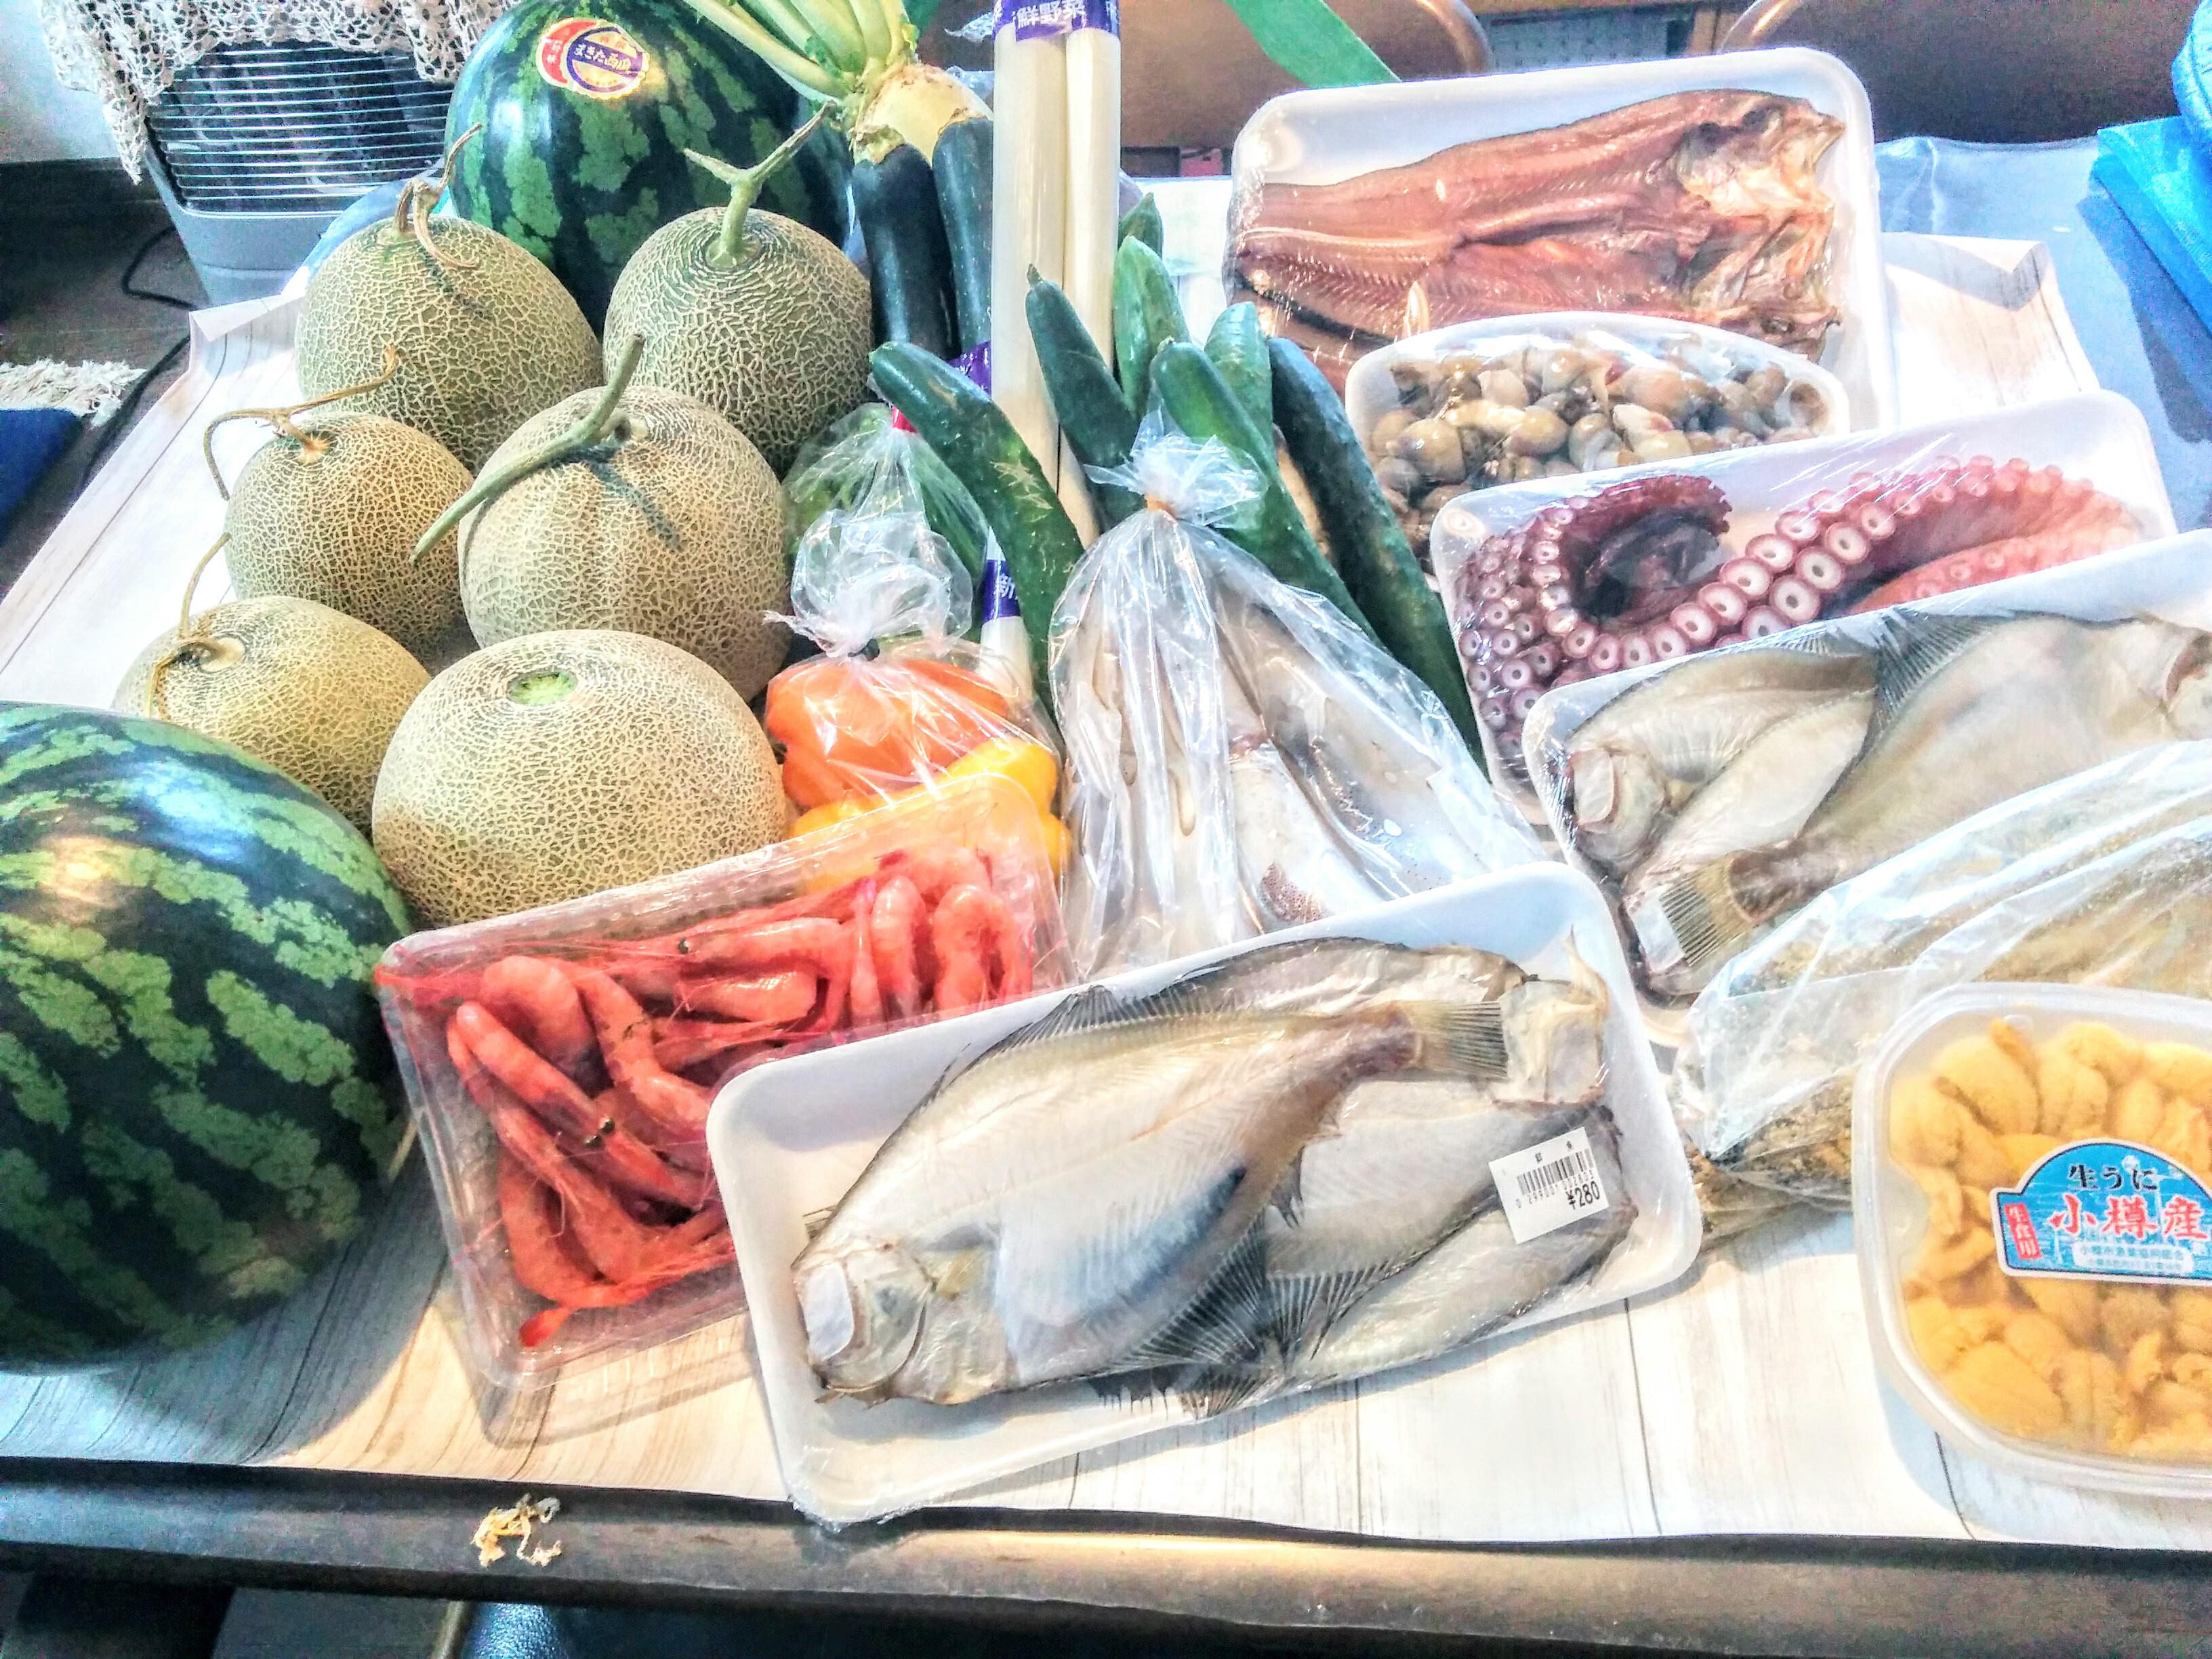 【余市~キロロリゾート赤井川村】余市で海産物~キロロリゾート赤井川村農家直売所で農産物を買って来ました。